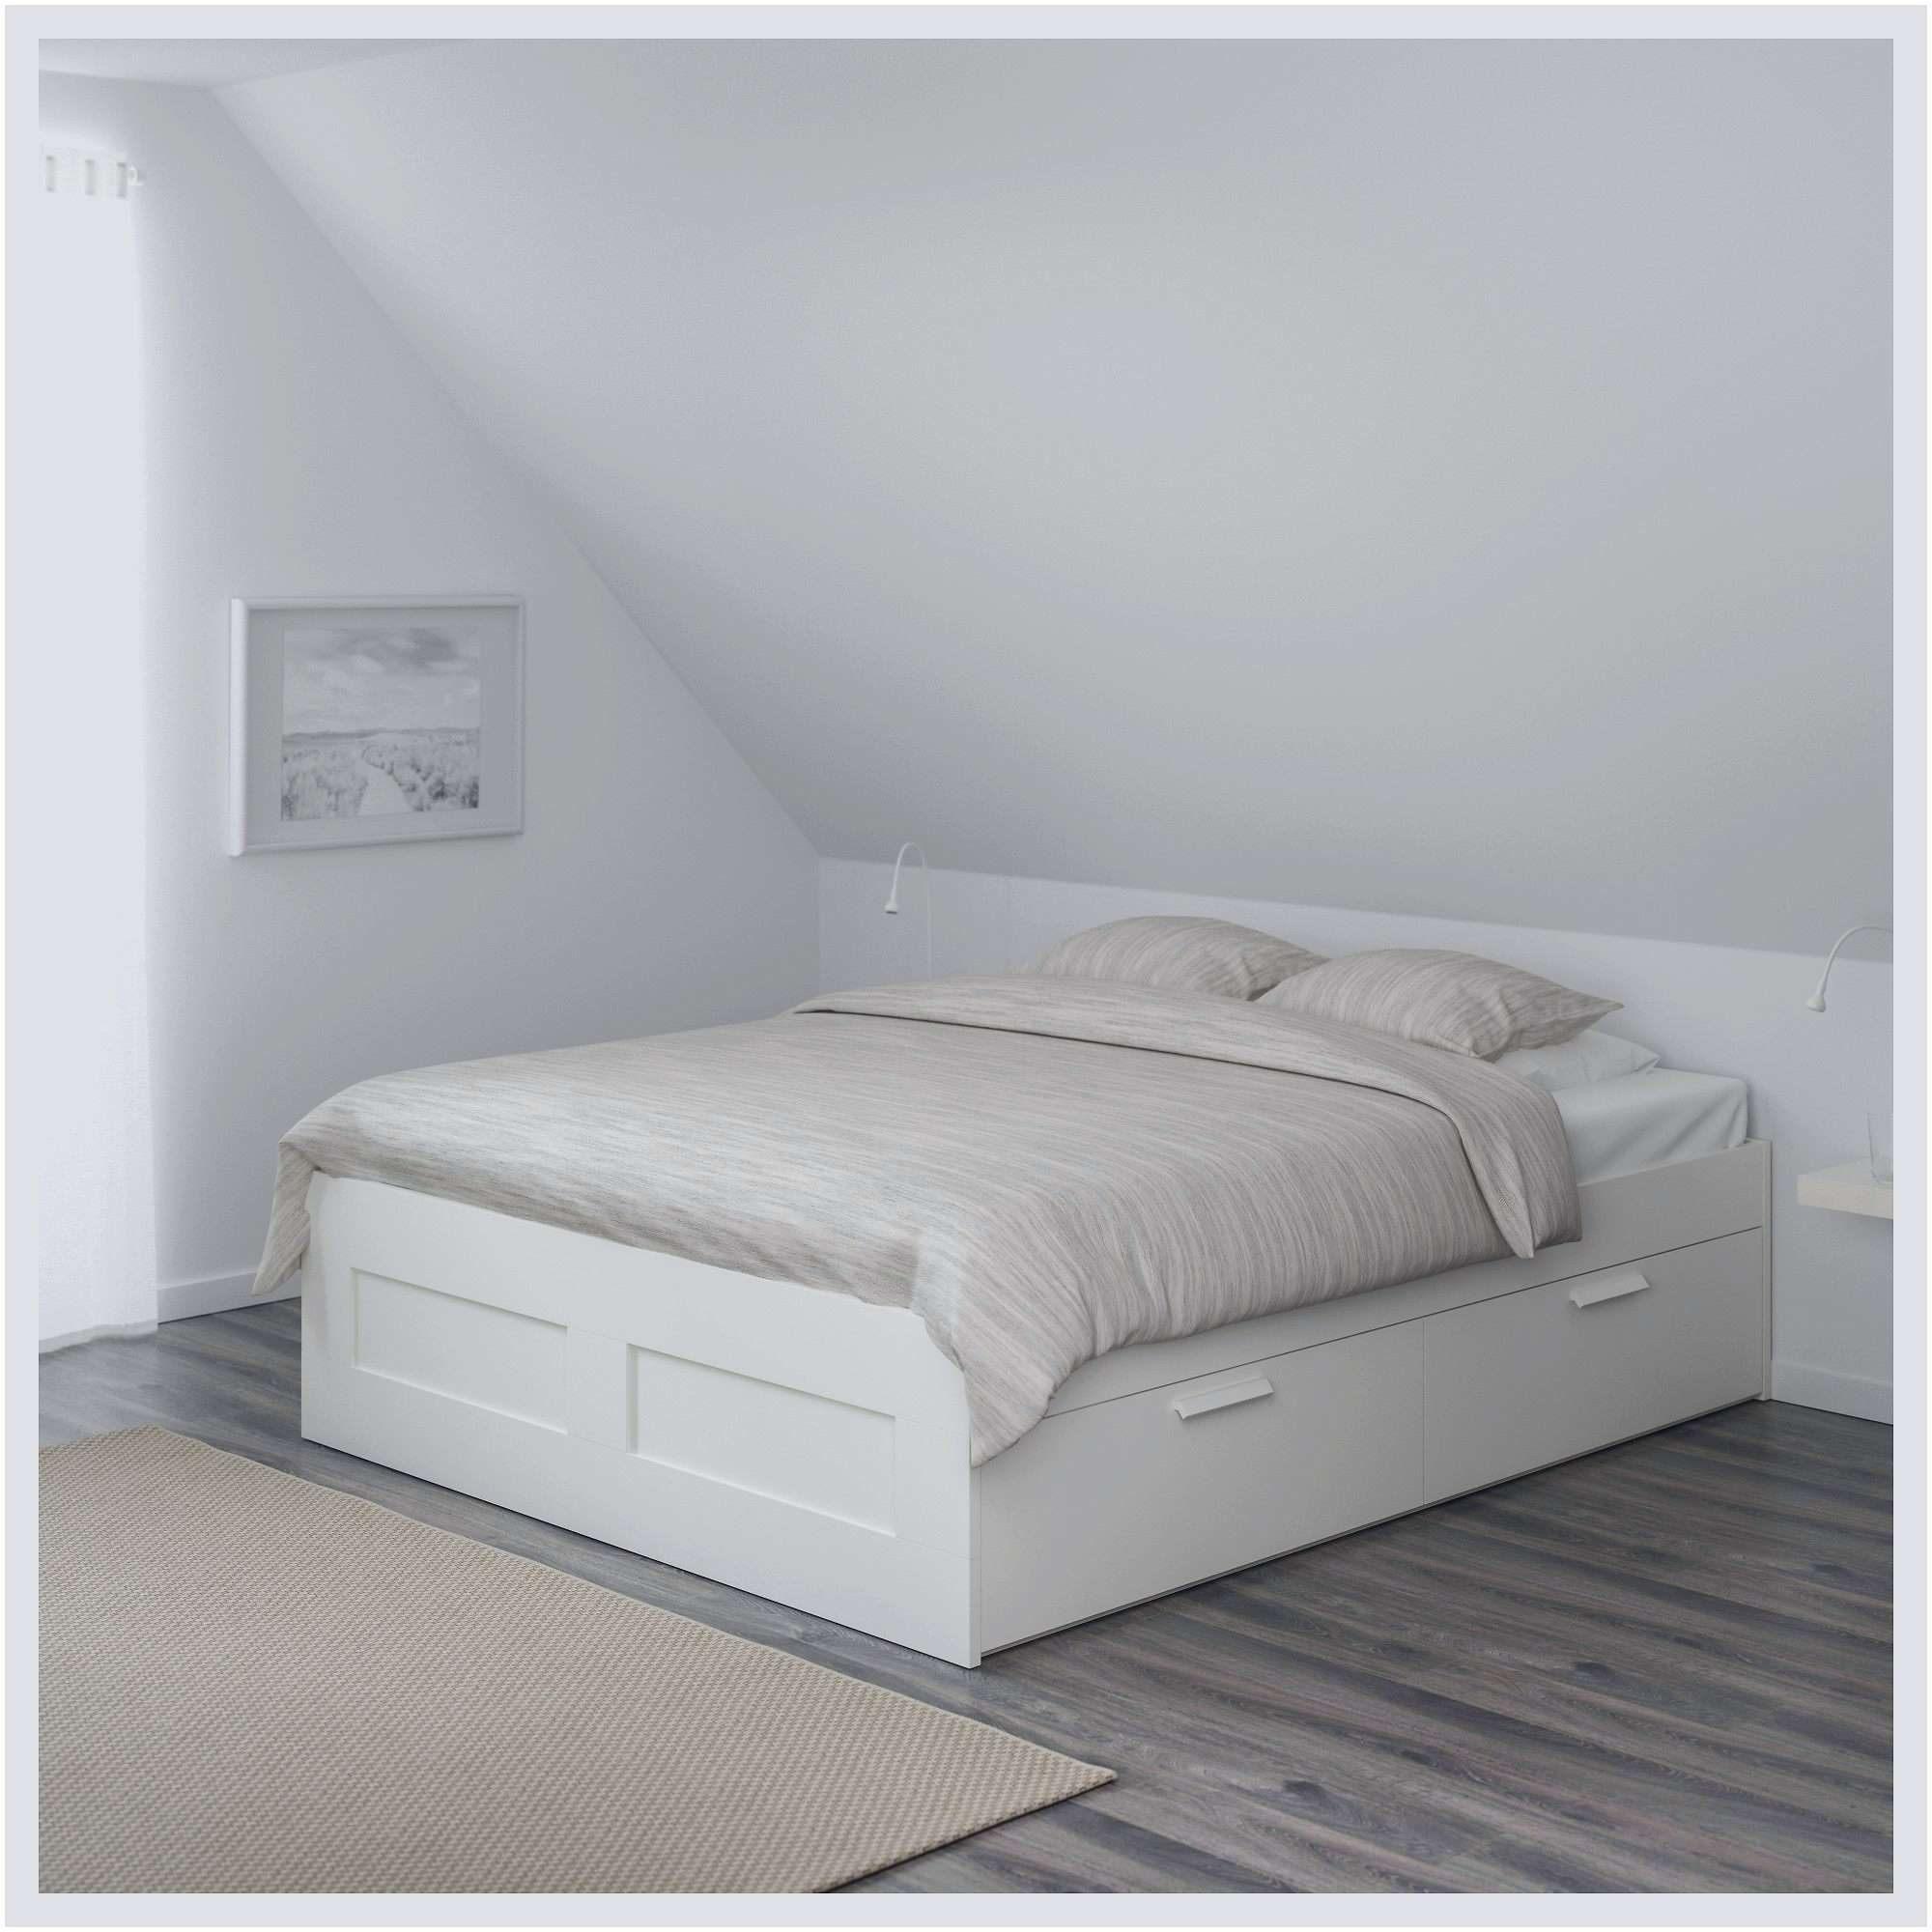 Ikea Lit 120x190 Inspirant Elégant Matras 120—200 Ikea Luxe Jugendbett 120—200 Ikea Frisch Lit